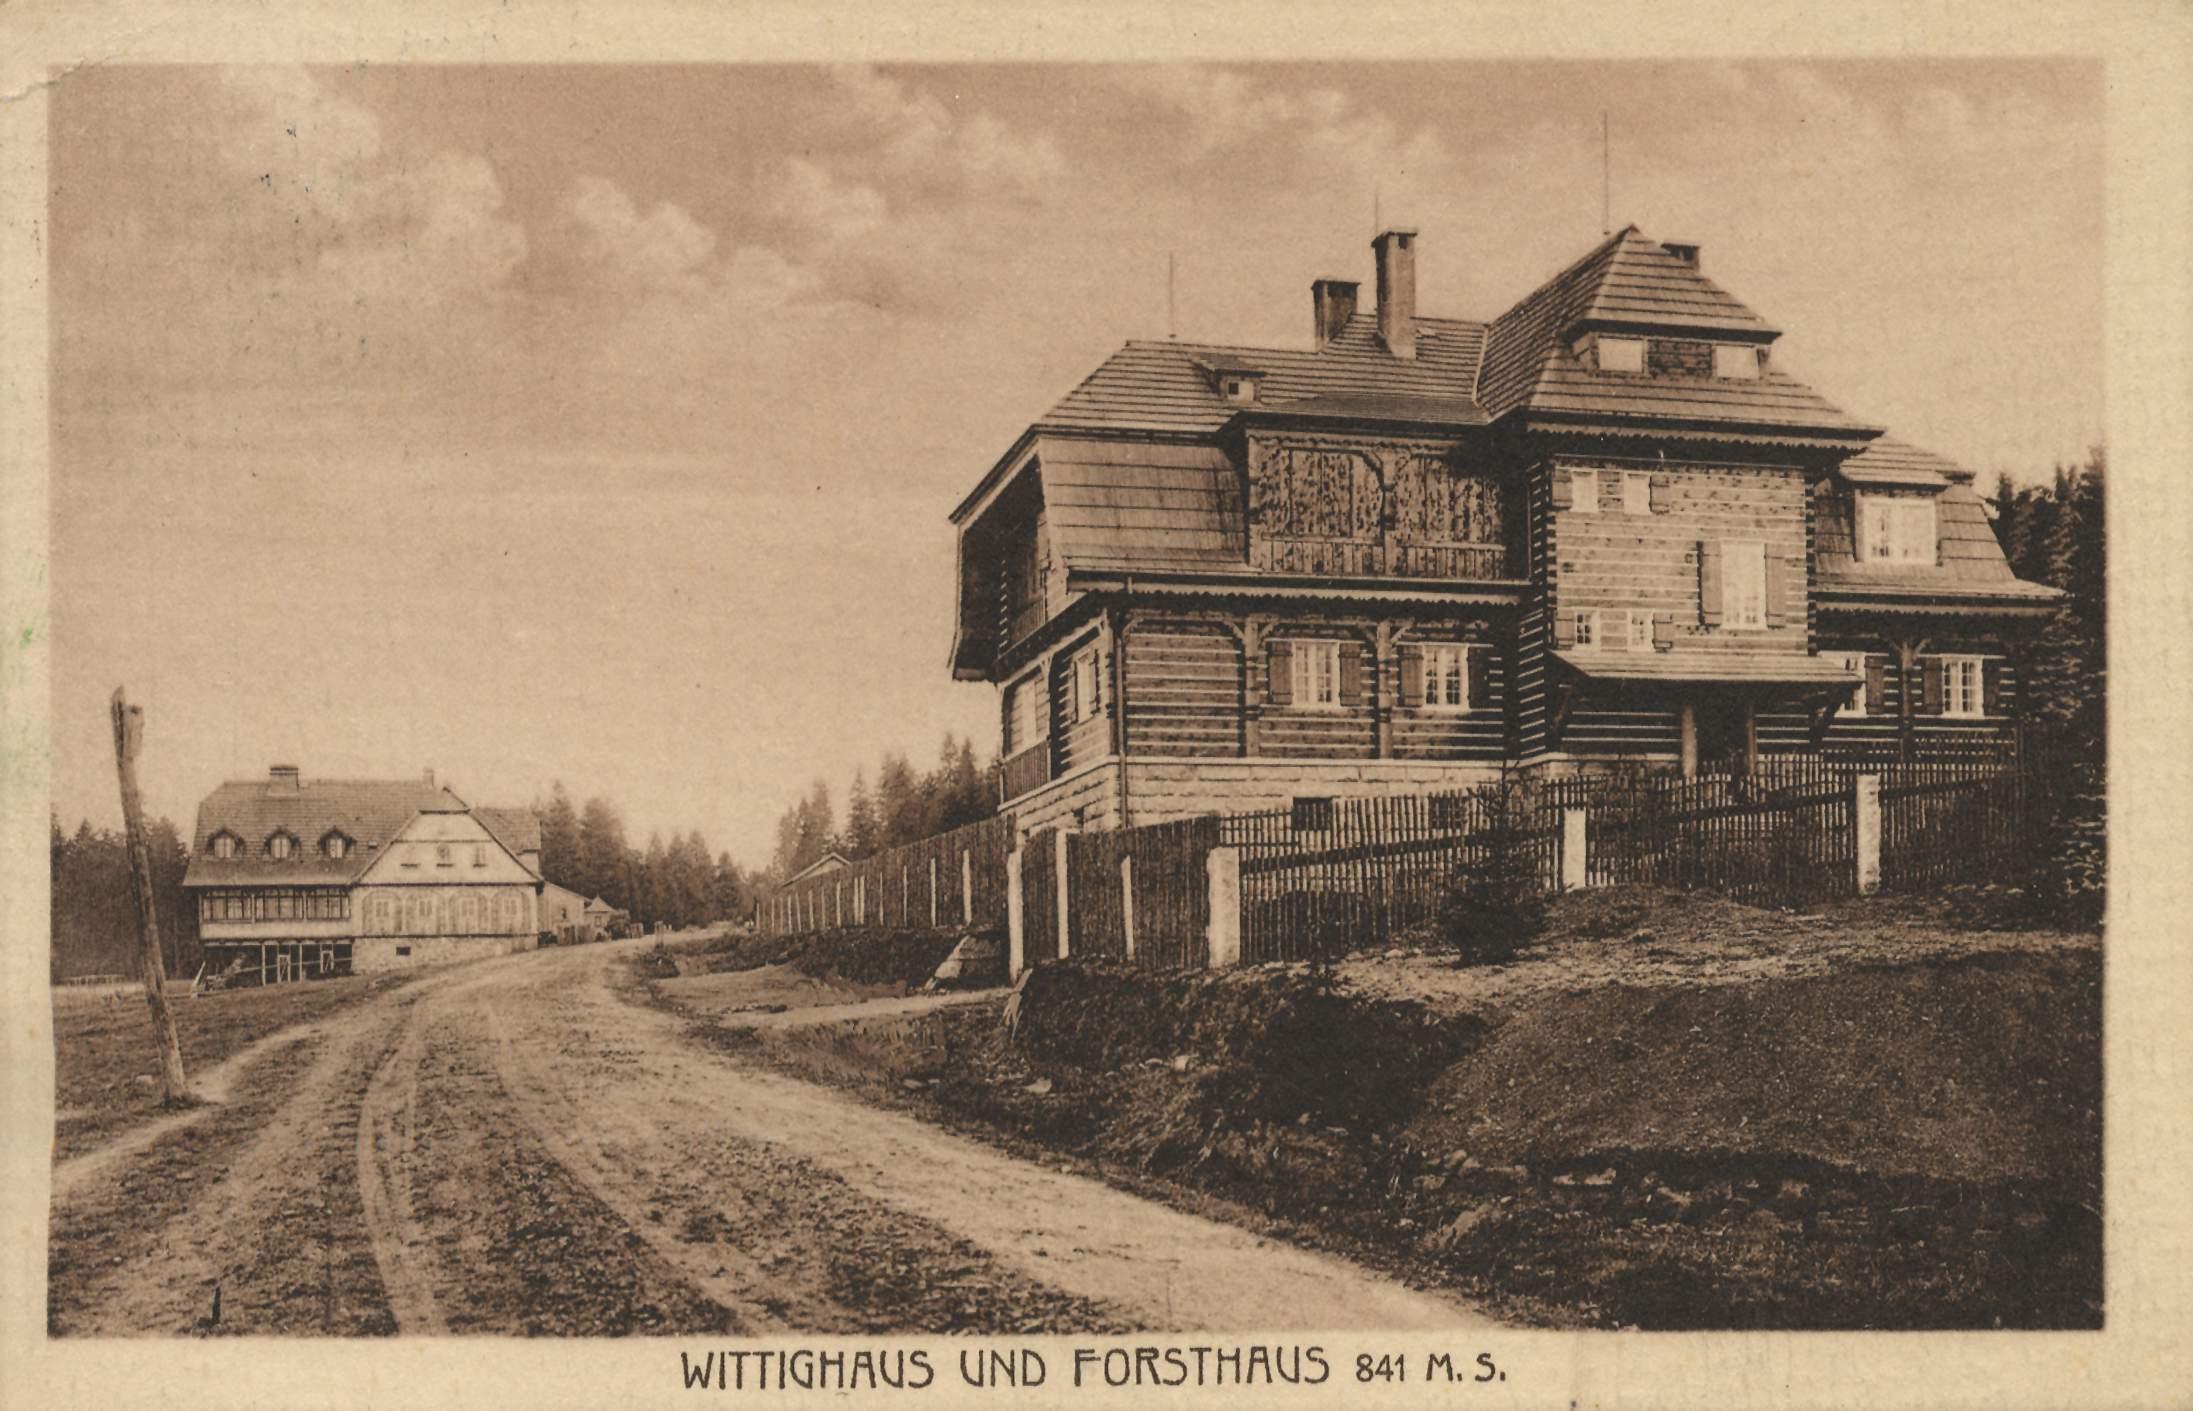 http://www.zeno.org/Ansichtskarten.images/I/AK08162a.jpg